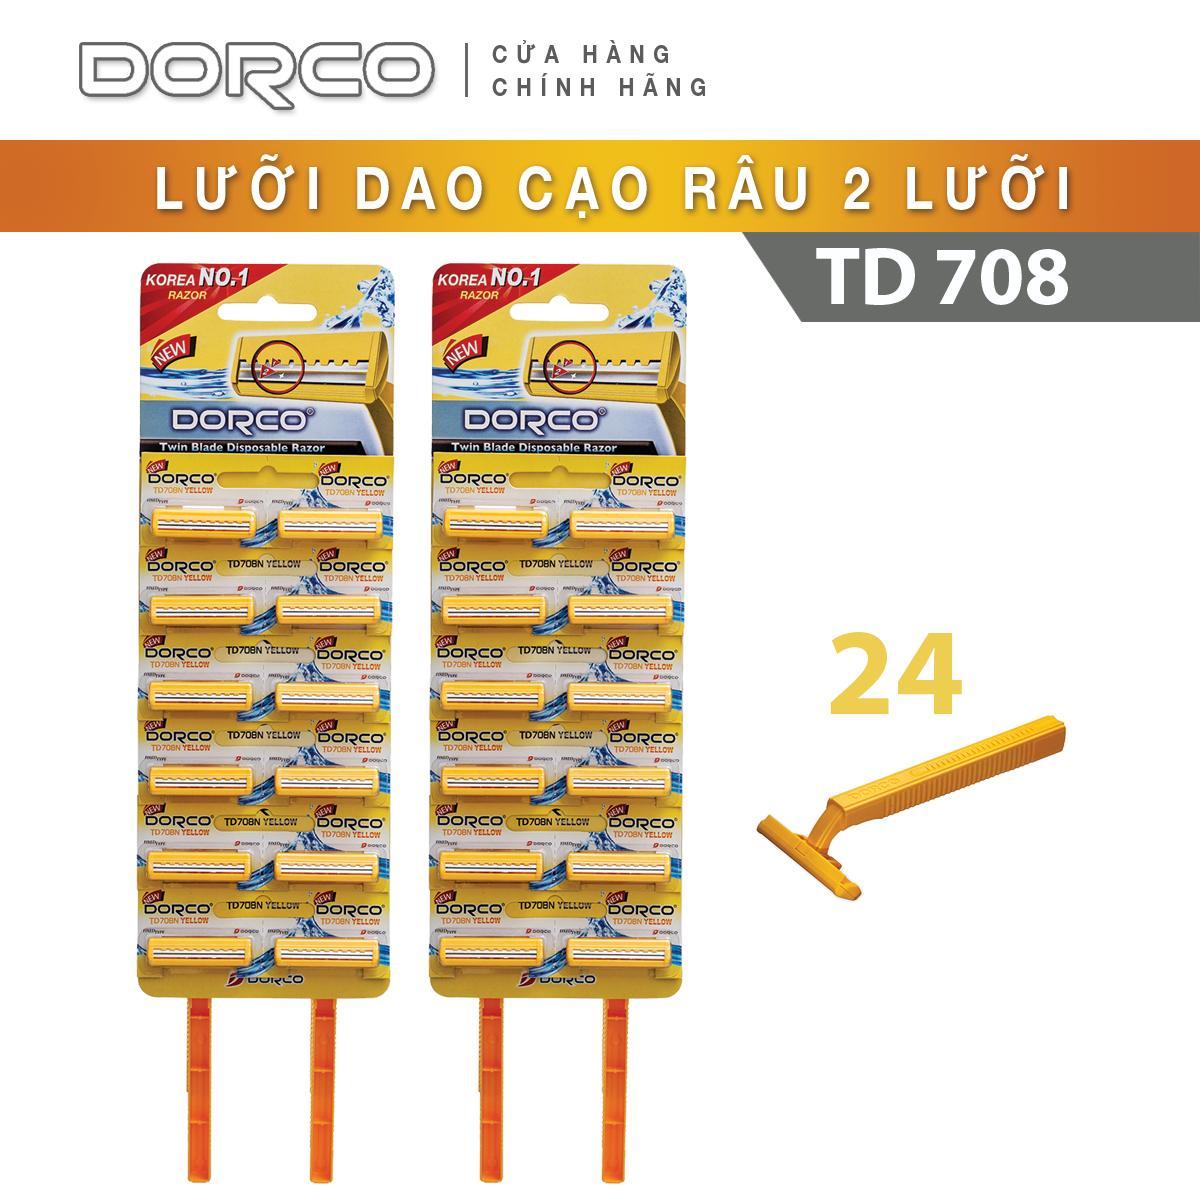 Bộ 02 Set Dao cạo râu 2 lưỡi DORCO TD 708 Vỉ 12 dao cạo